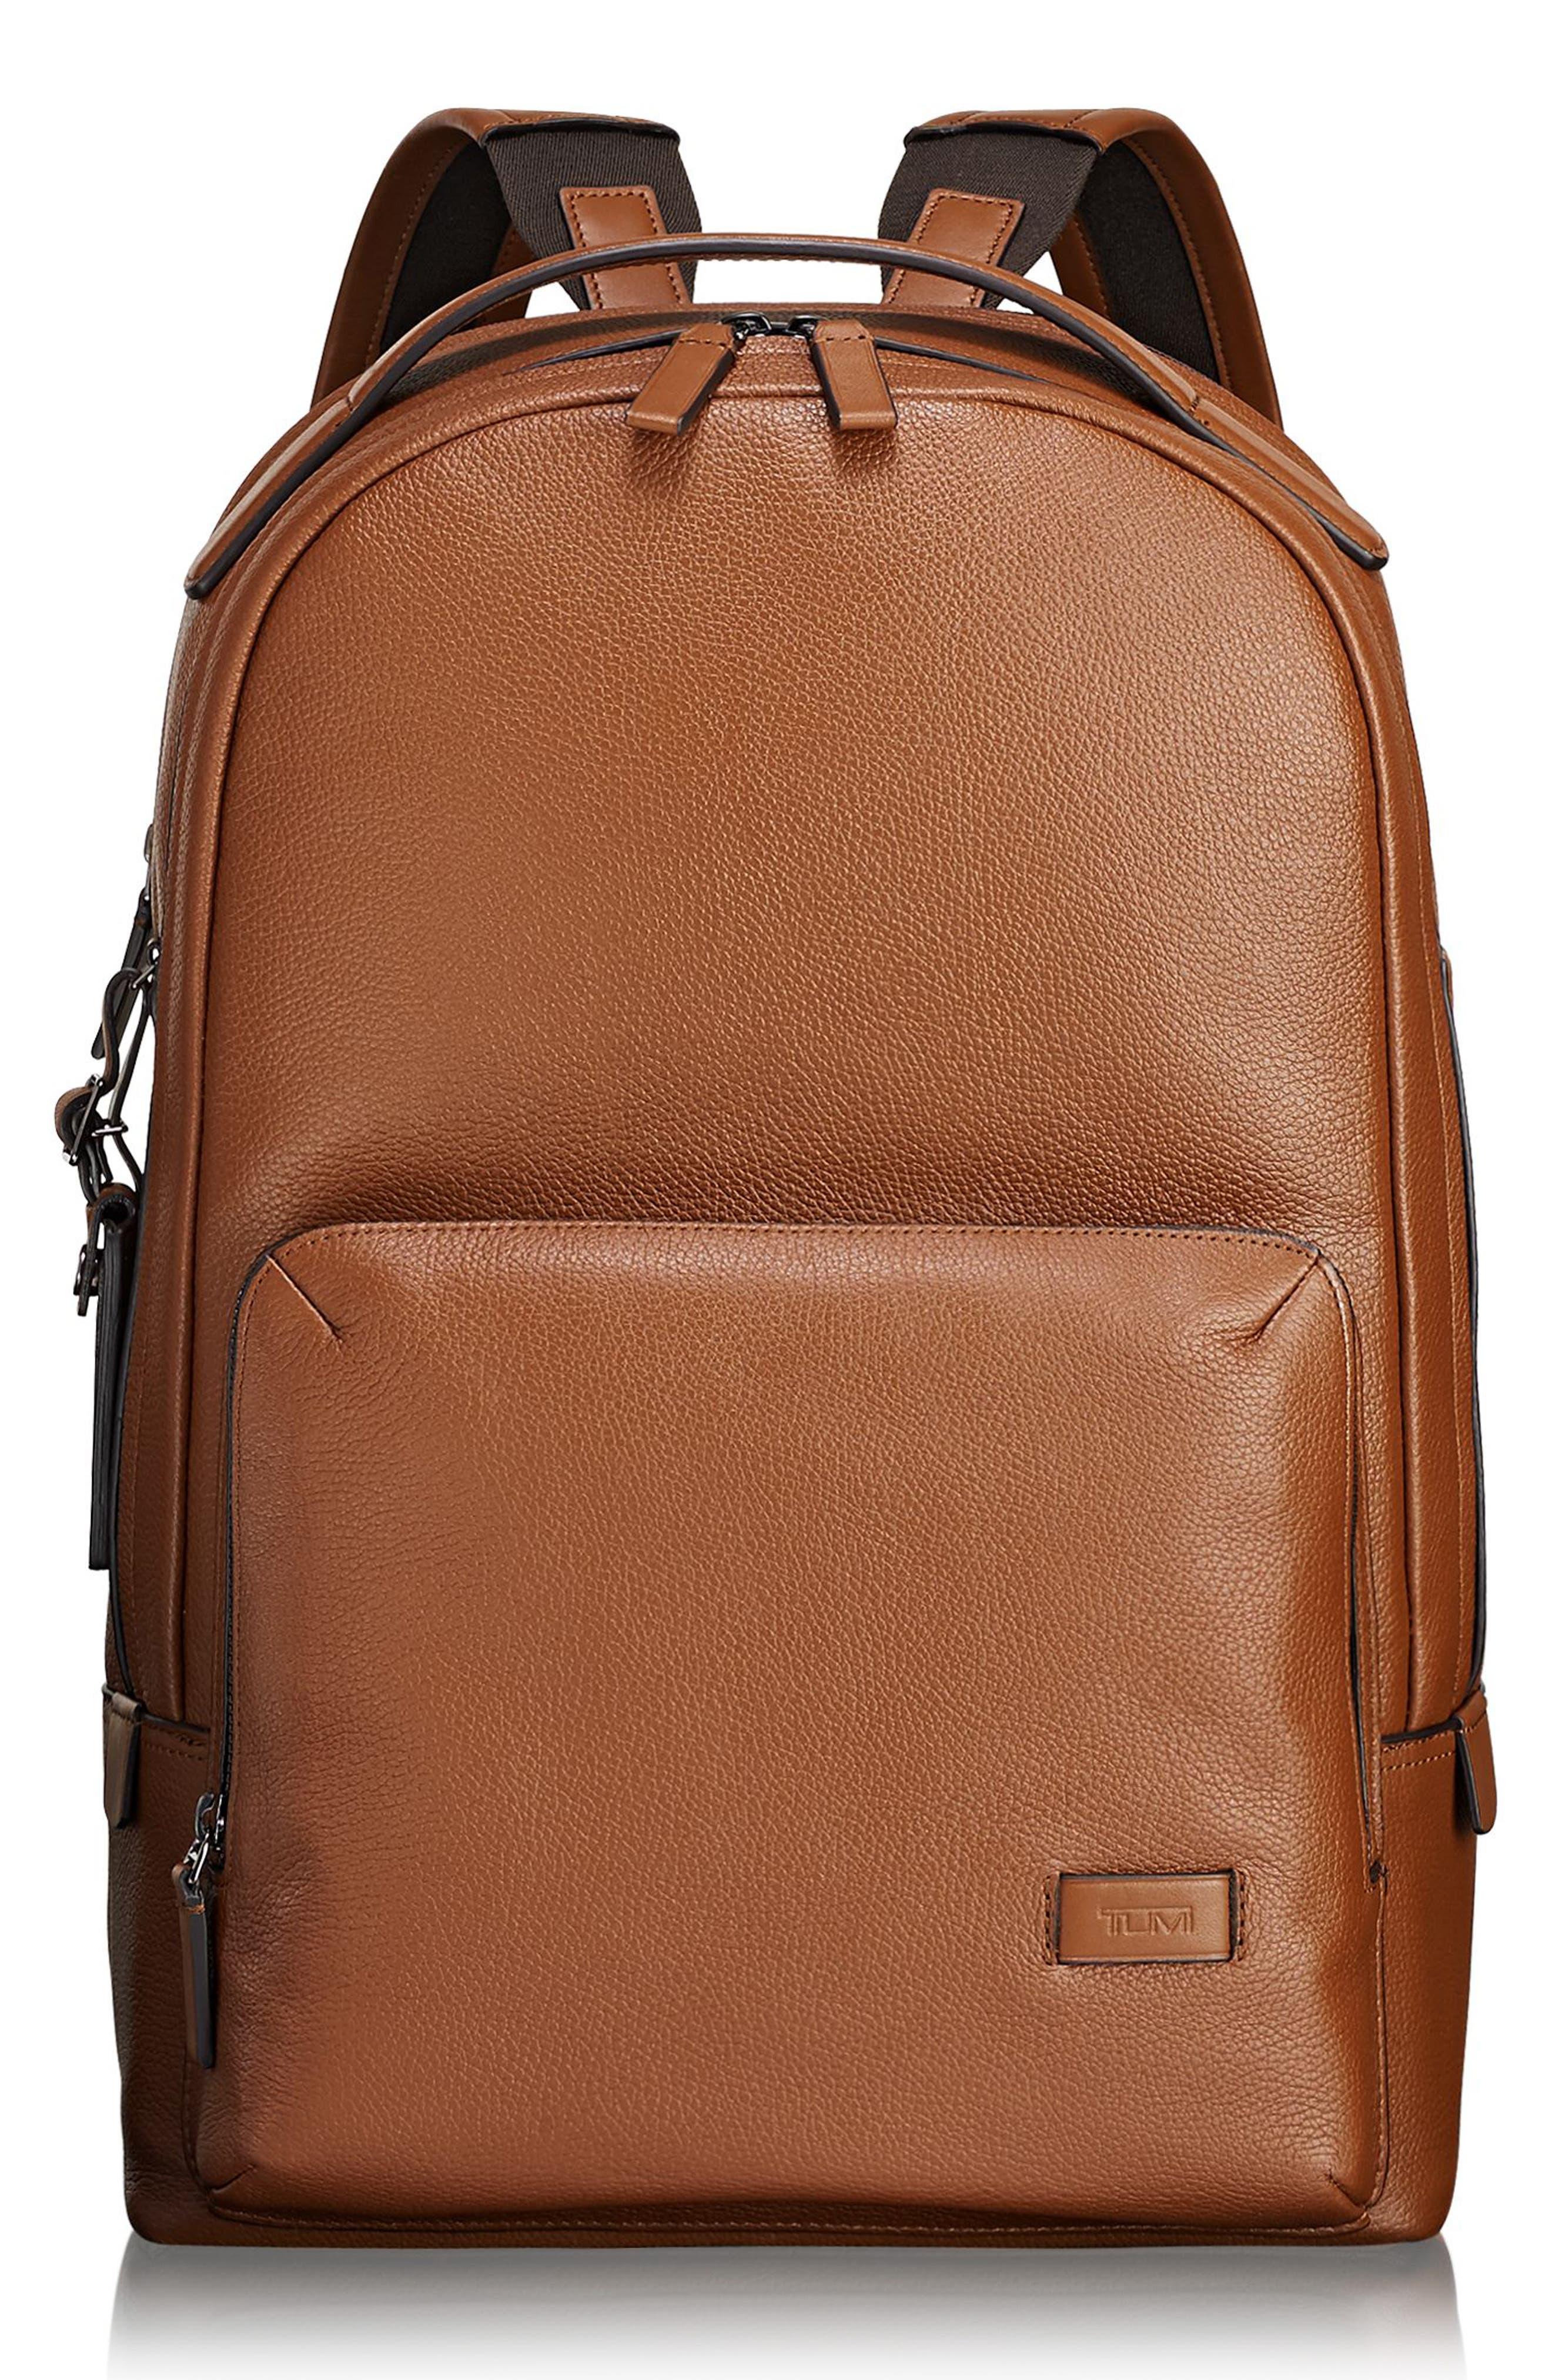 Harrison - Webster Backpack,                         Main,                         color, UMBER PEBBLED